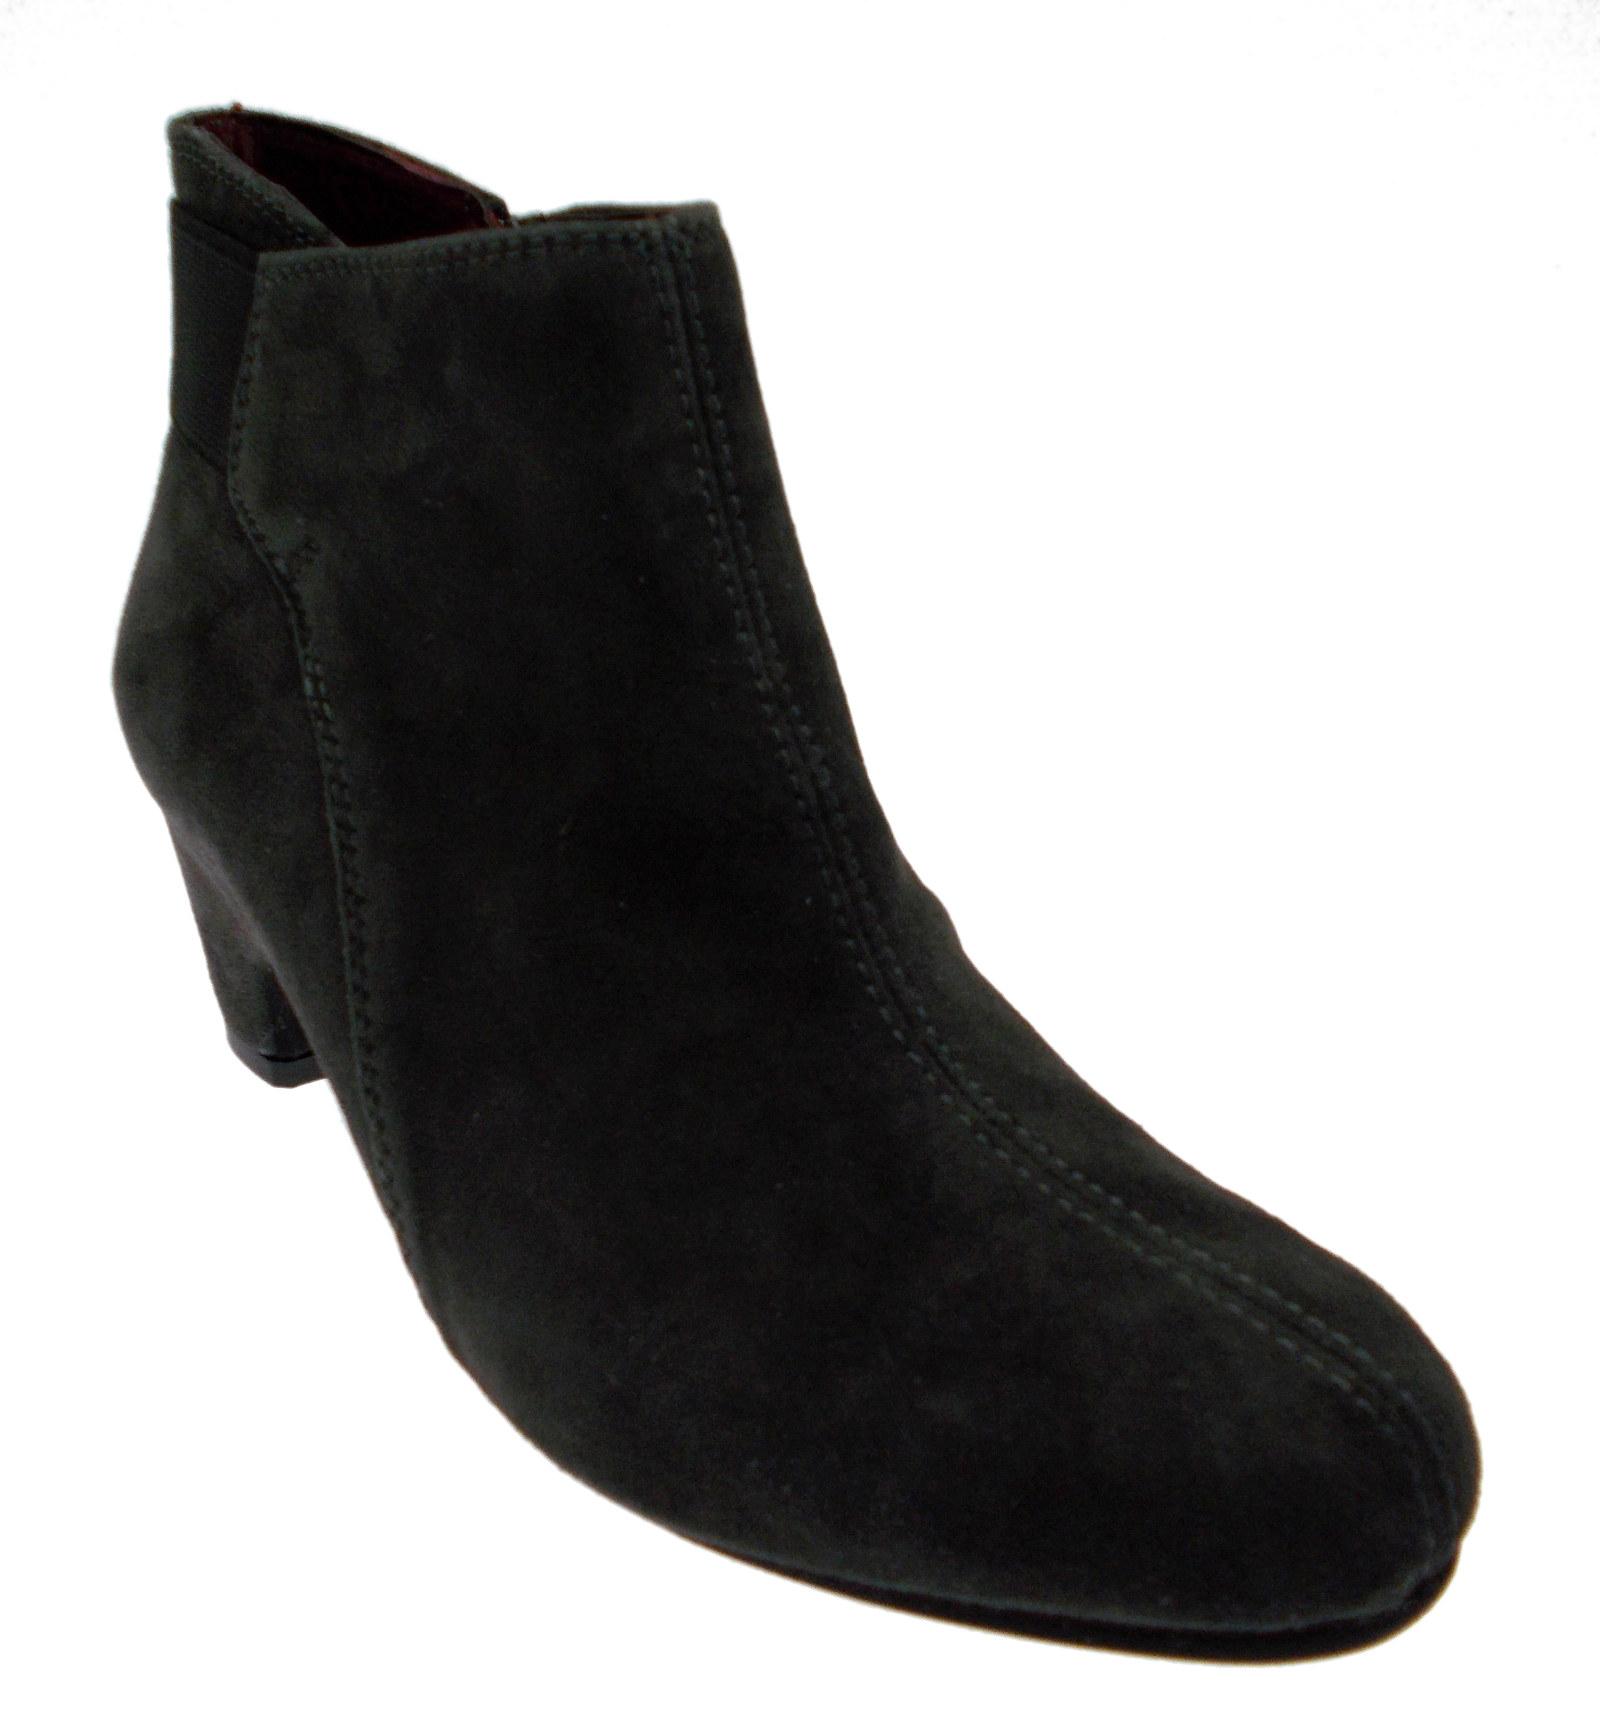 design di qualità f16e7 19d79 Articolo h1127 Stivali in pelle scamosciata grigio cerniera Melluso | eBay